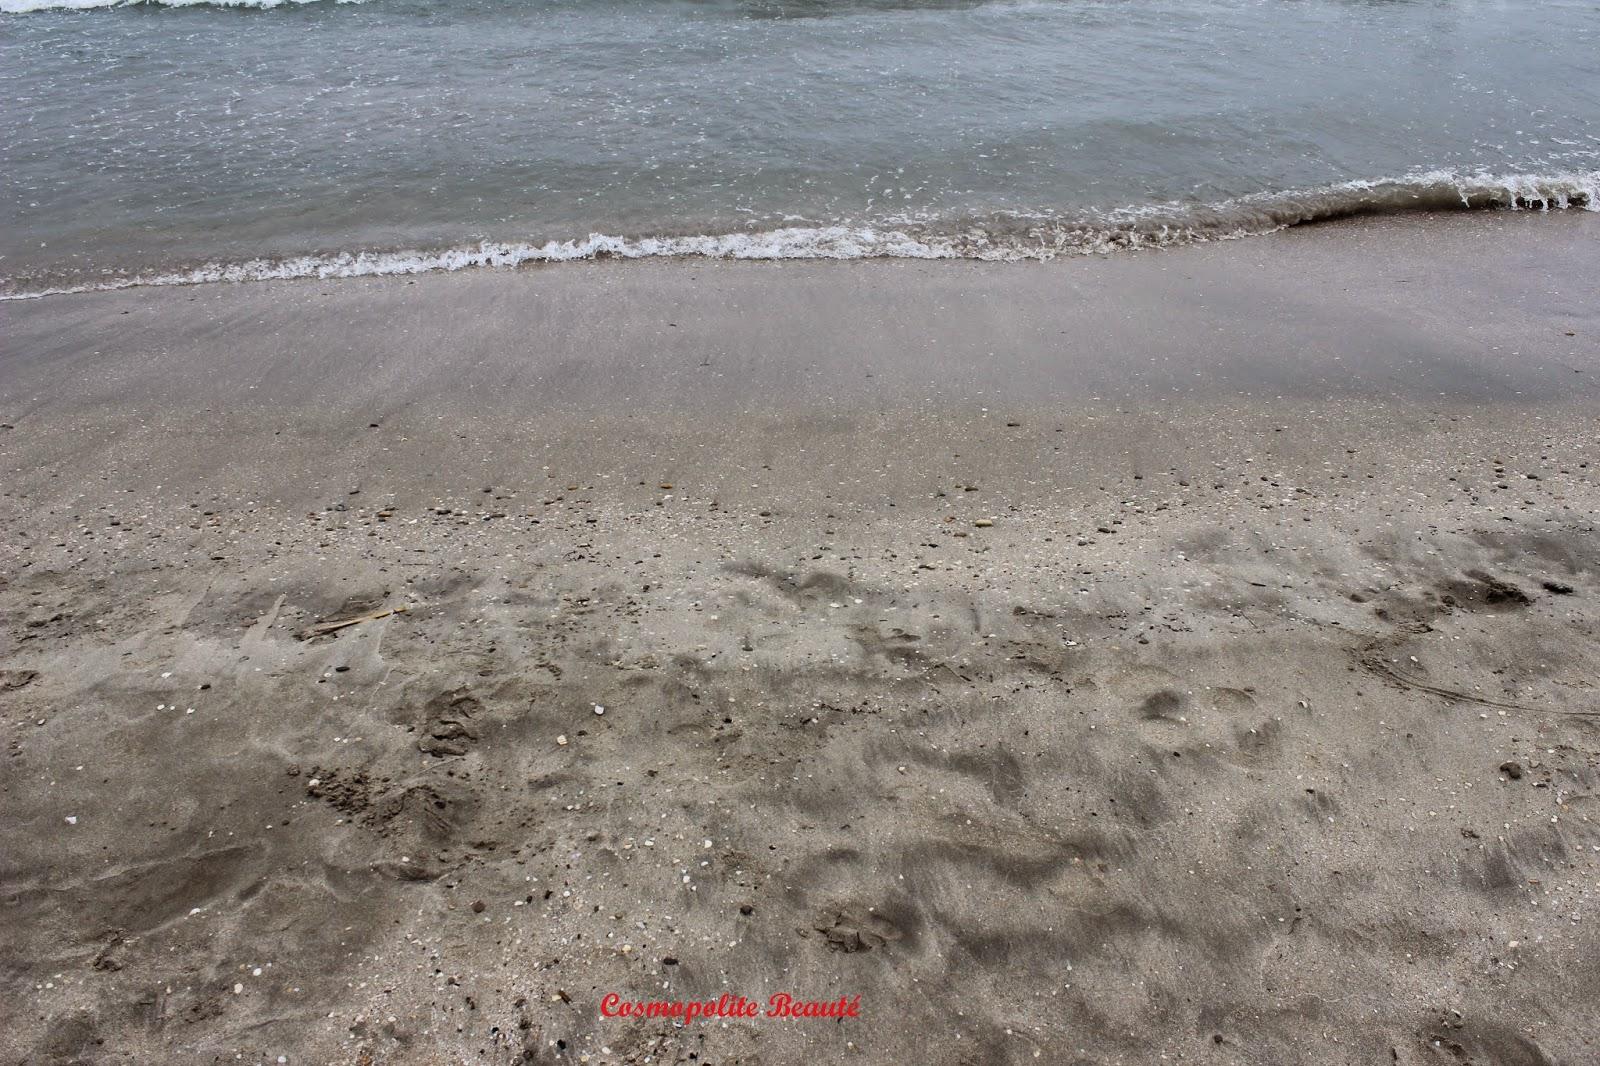 Granité de douche Ushuaïa, produits corps, Polynésie, gel douche, sable, soleil, pulpe de coco, noix de coco, îles de Polynésie